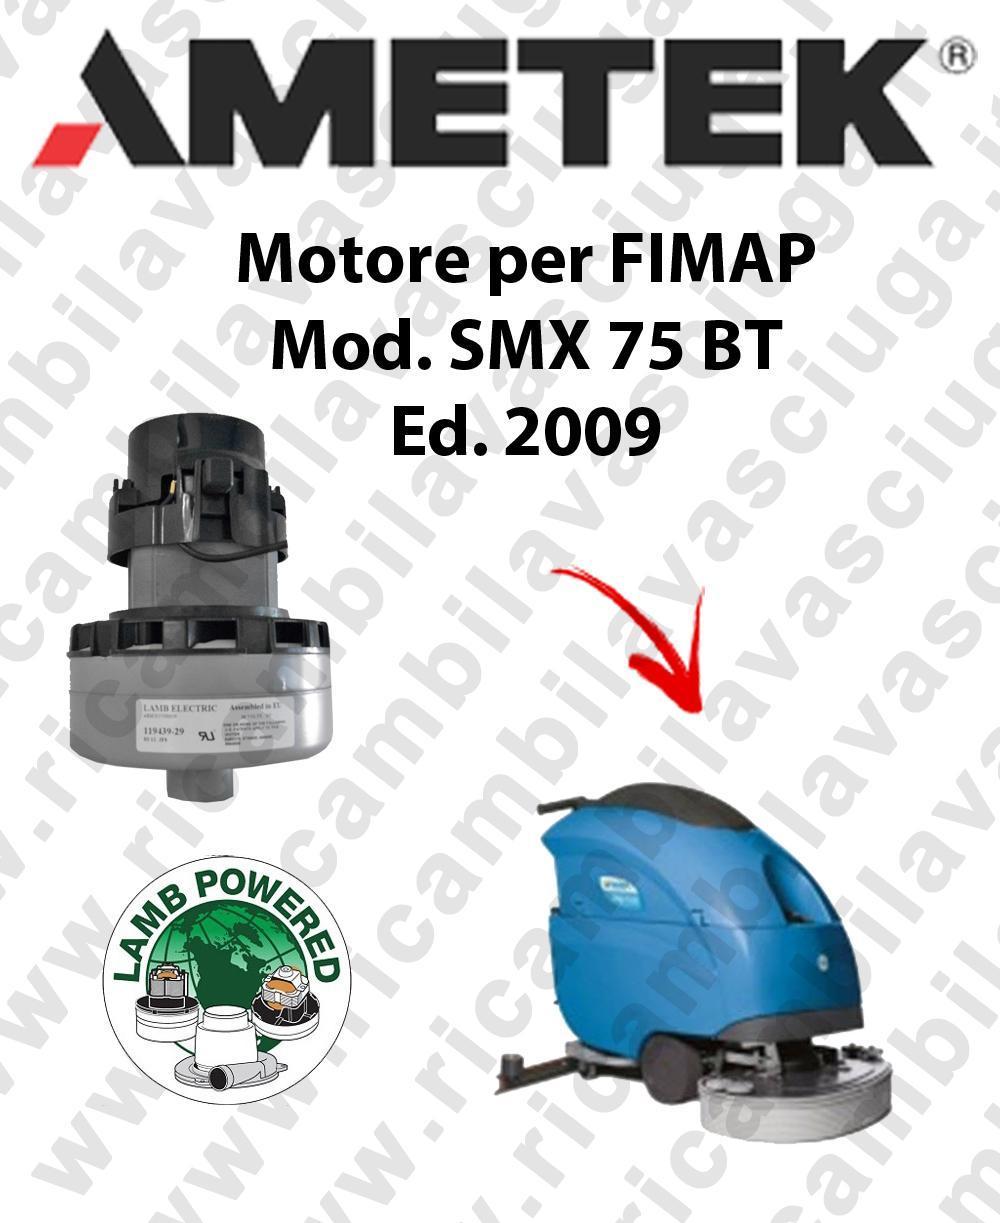 SMx 75 Bt  MOTEUR ASPIRATION AMETEK autolaveuses Fimap